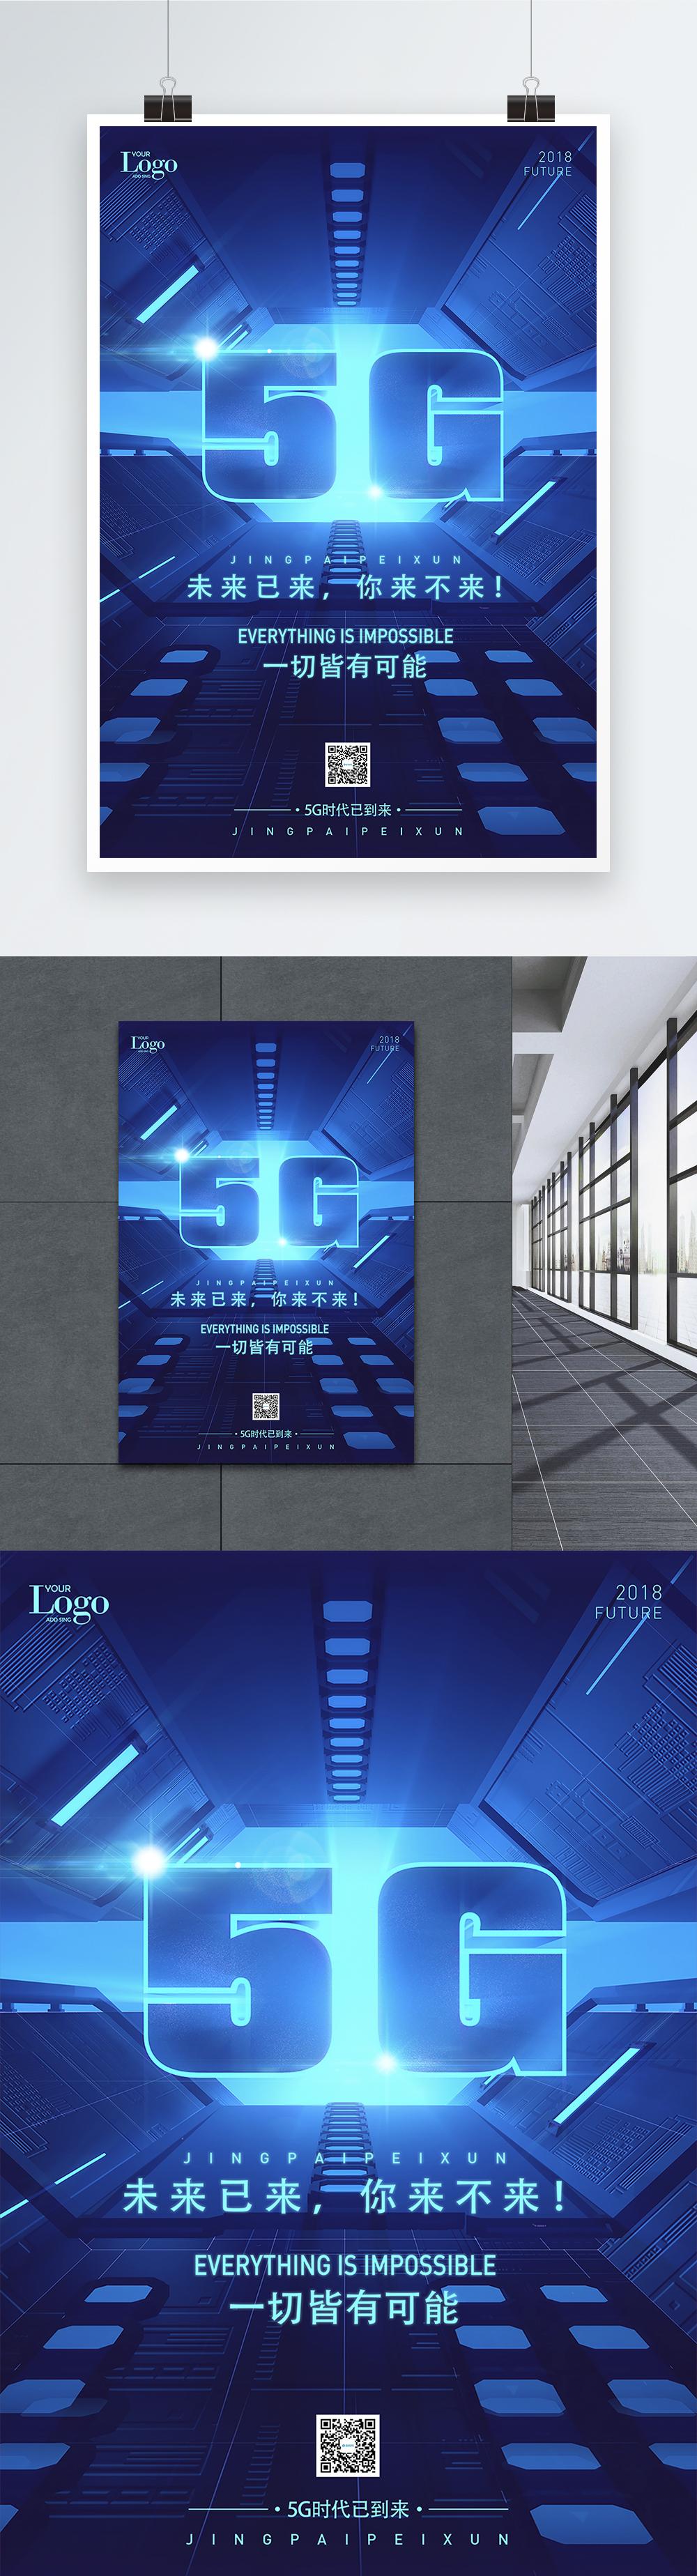 高科技5g网络通讯科技海报图片素材编号400421476_prf